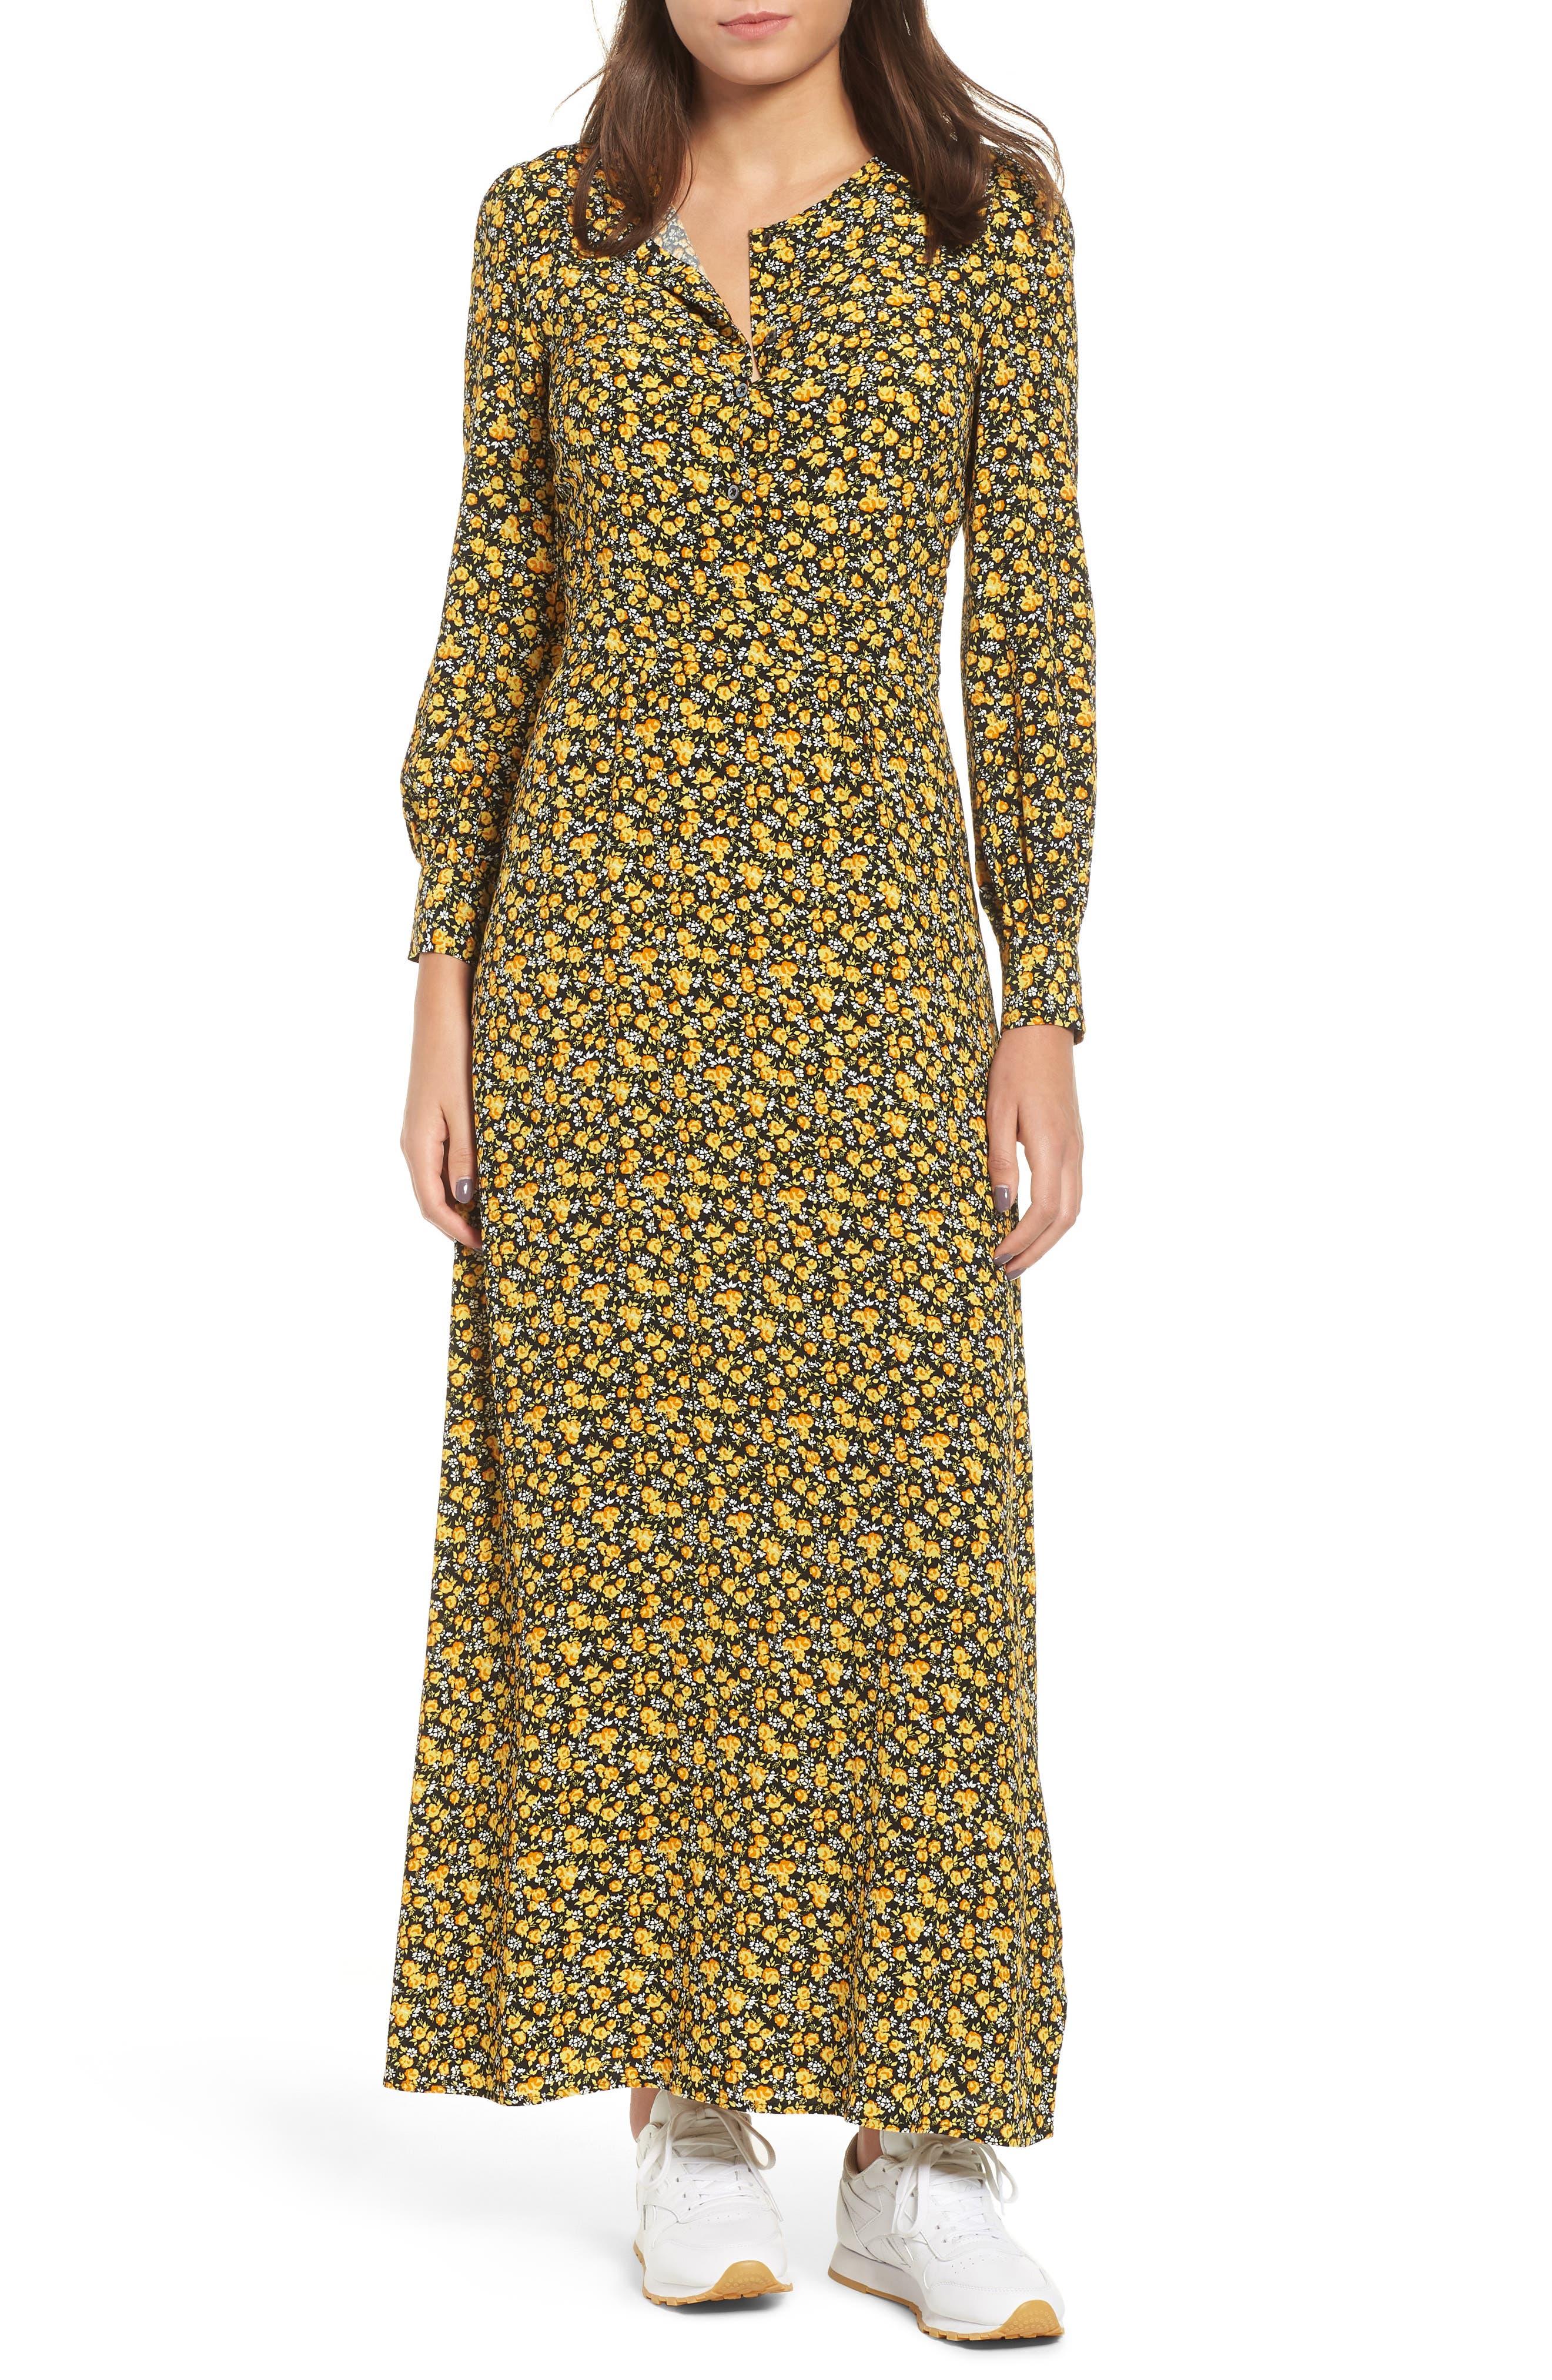 70s Dresses – Disco Dresses, Hippie Dresses, Wrap Dresses Womens Calvin Klein Jeans Ditzy Floral Dress $83.98 AT vintagedancer.com